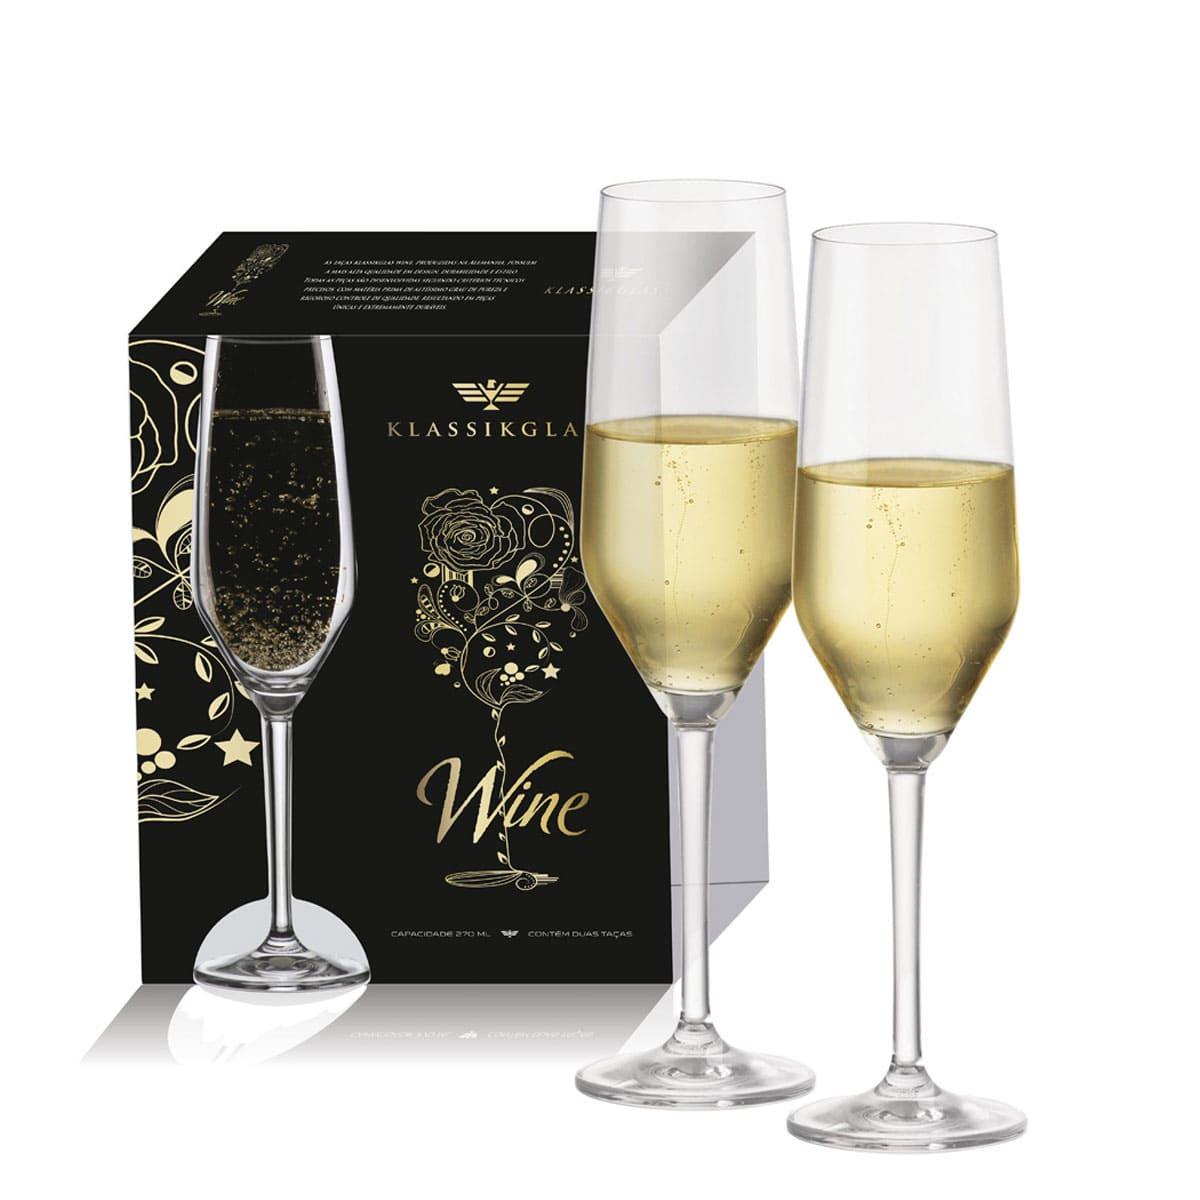 Taça de Cristal para Vinho Champagne Elegance de 270ml 2 pcs